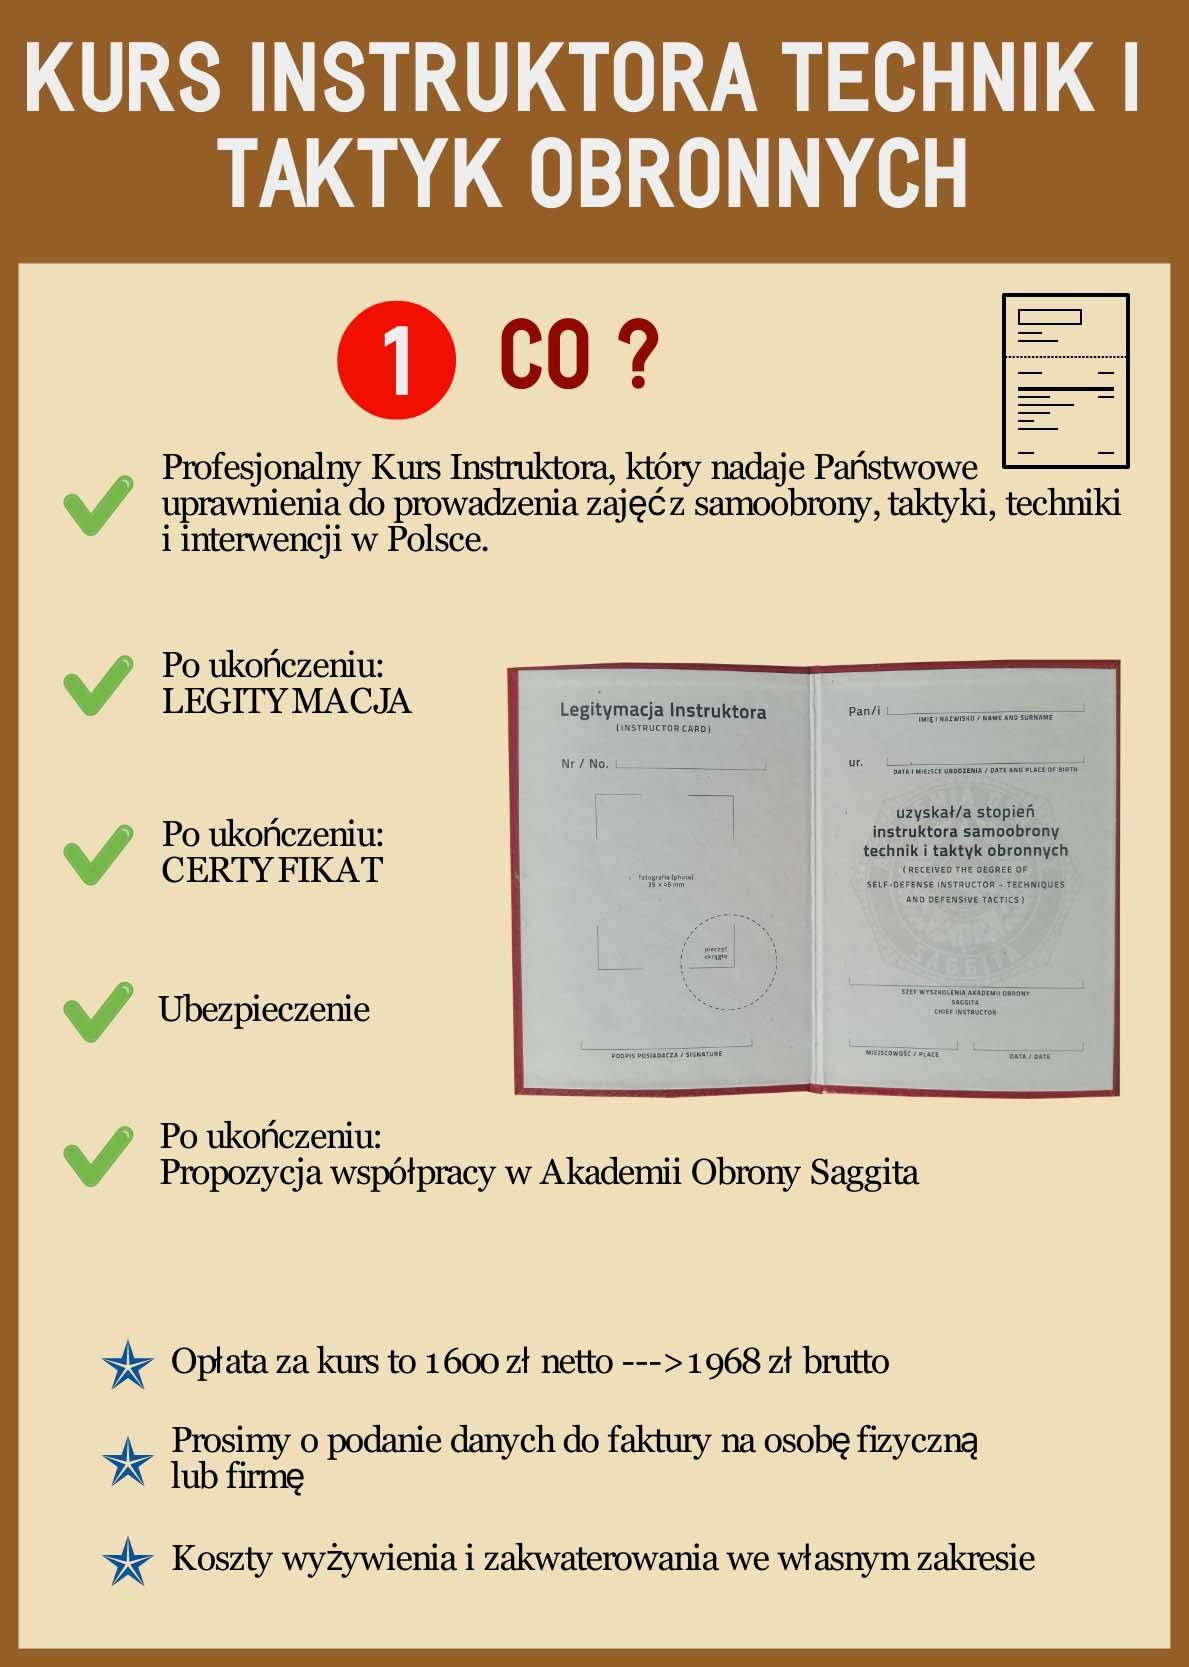 kurs instr cz 1 kopia